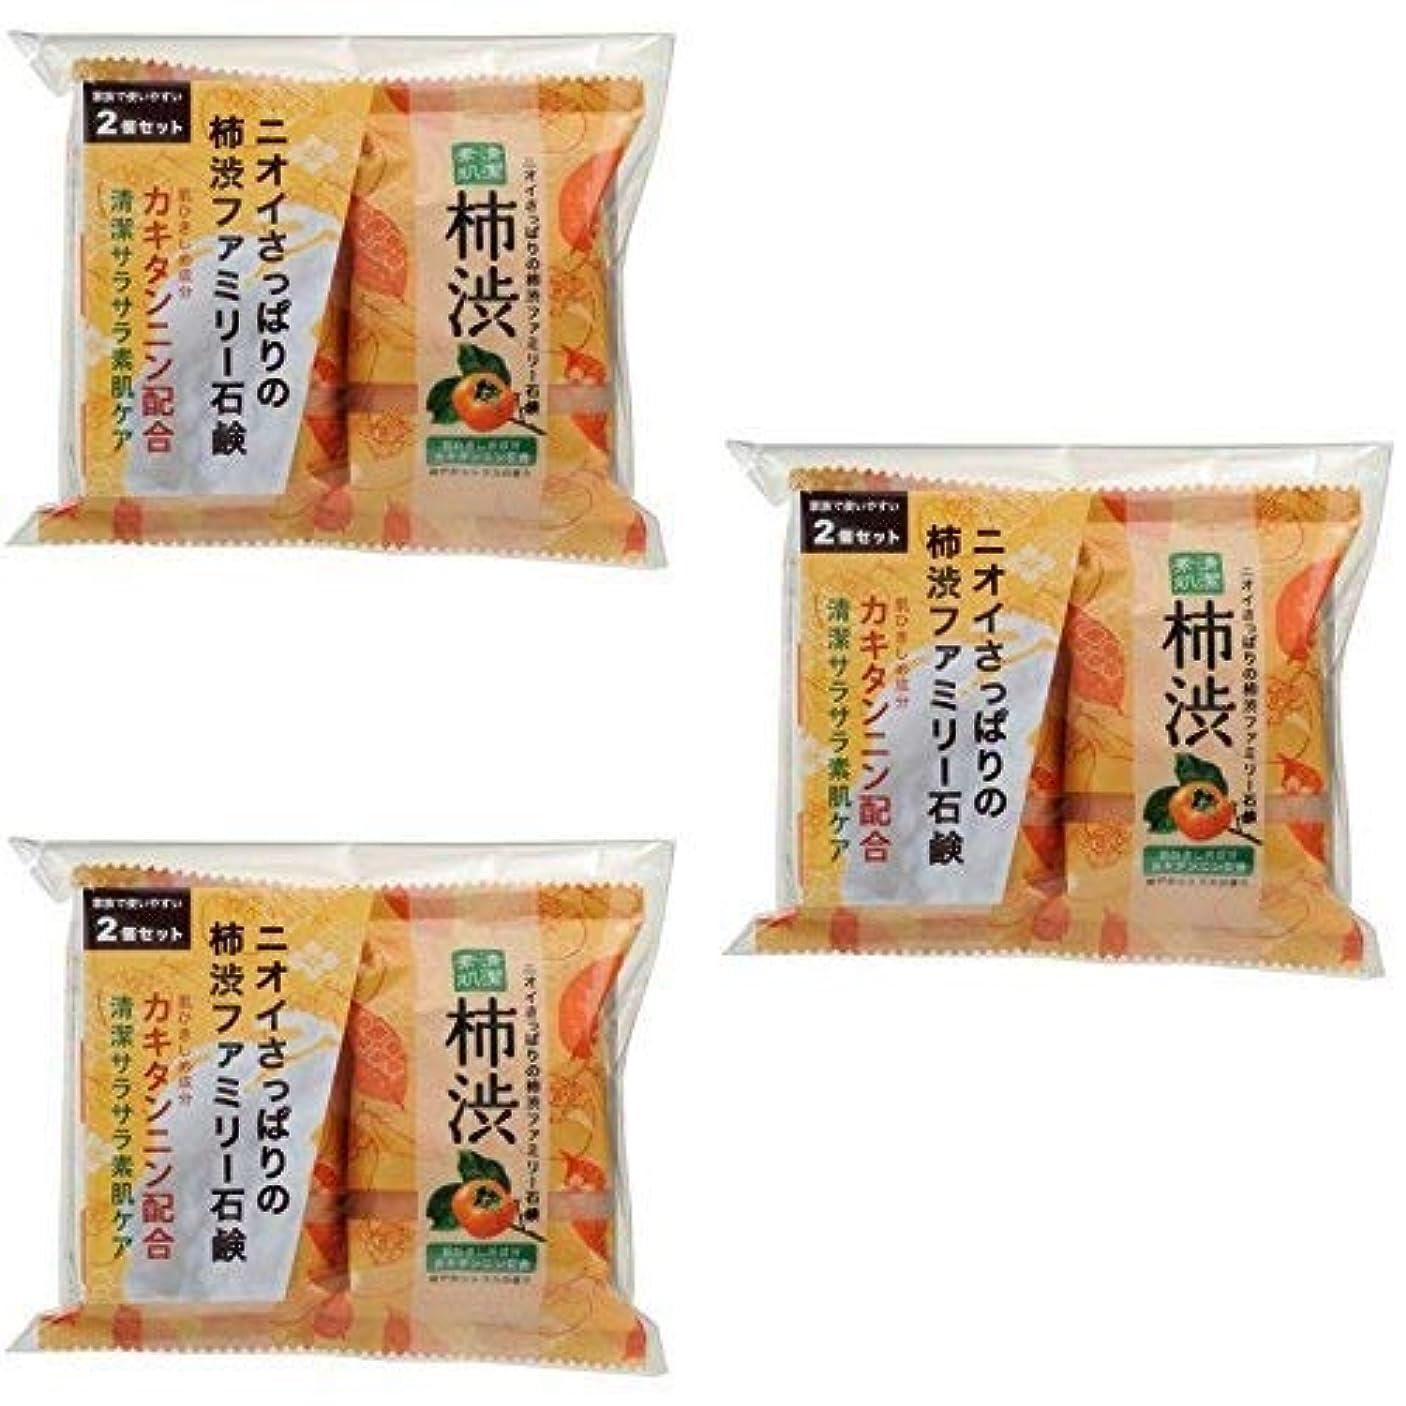 ペリカン石鹸 ファミリー柿渋石鹸 80gX2【3個セット】